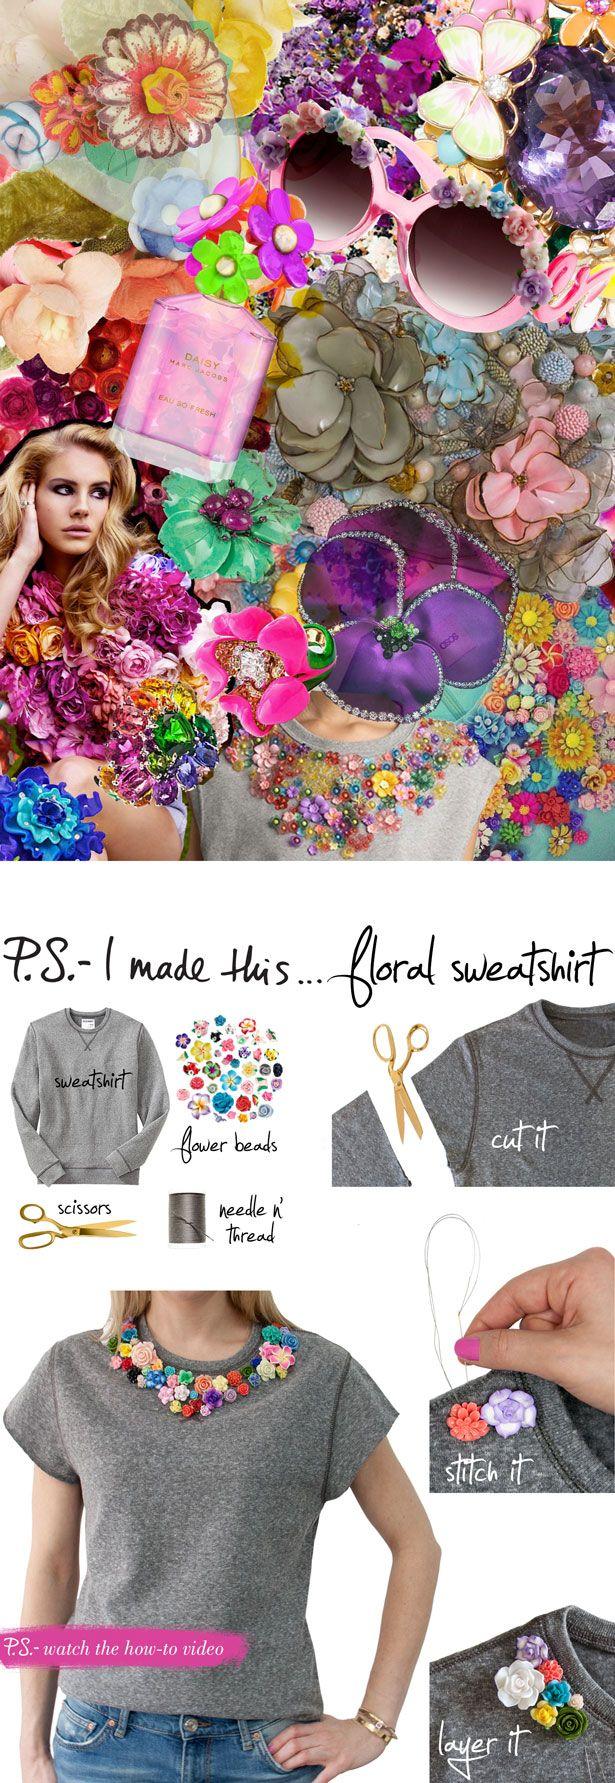 DIY para hacer una camiseta con flores http://youtu.be/YvCt2kV85ng